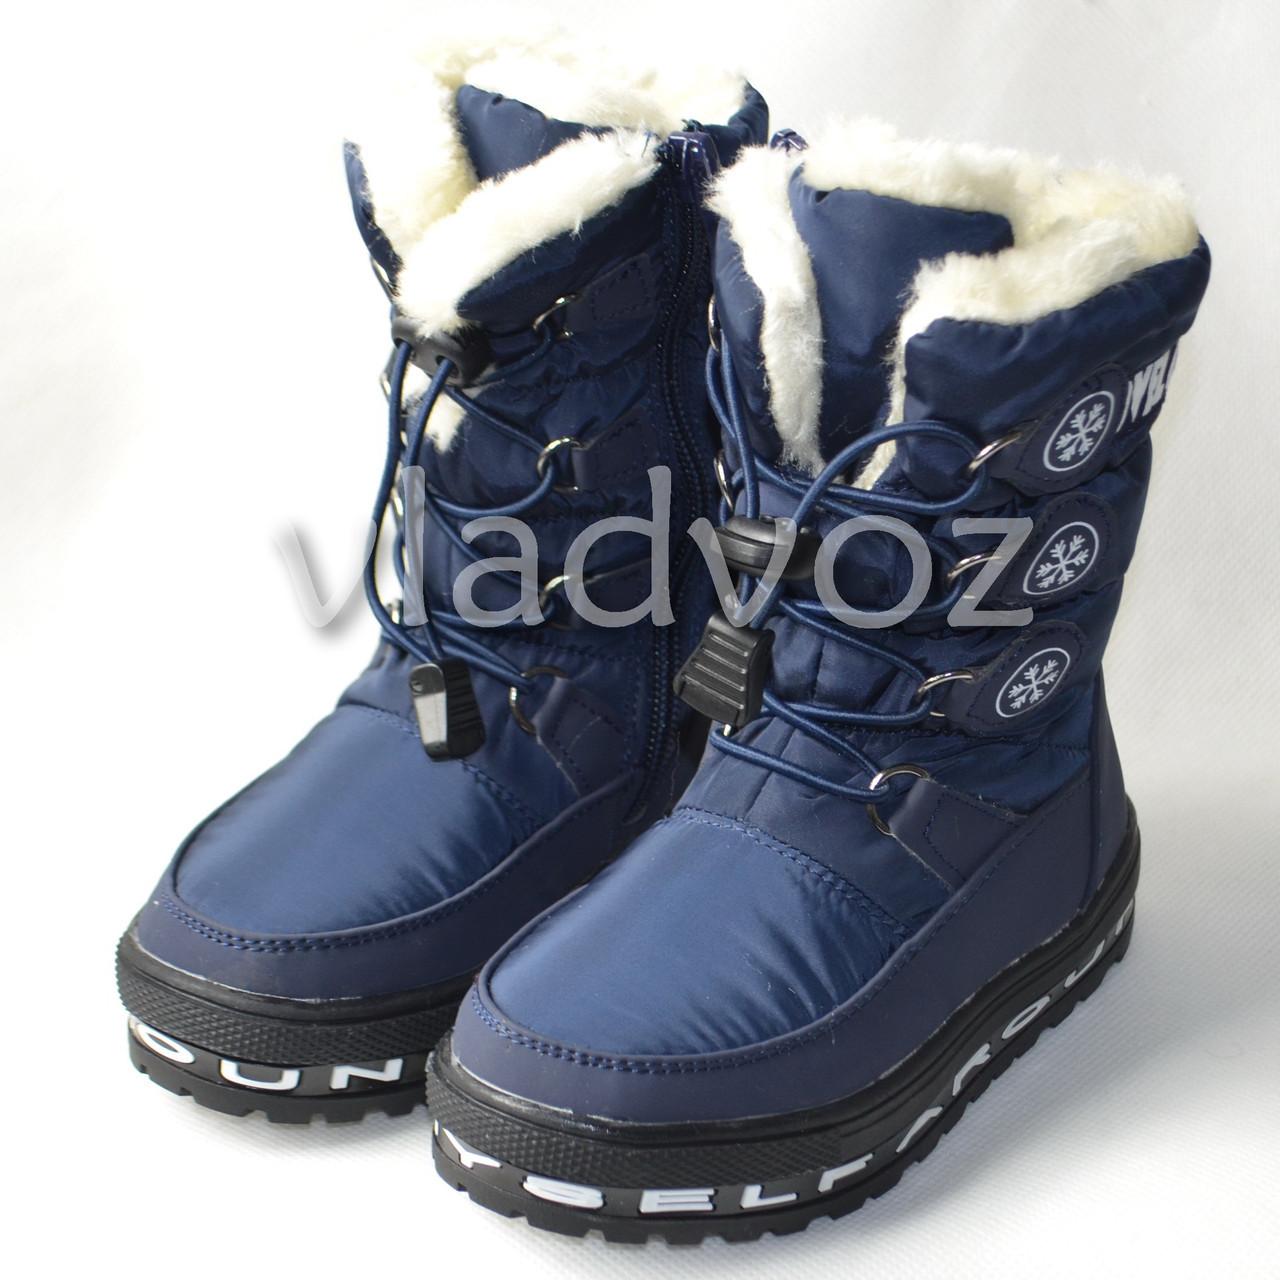 Модные дутики на зиму сапоги темно синий 28р. Jong Golf - интернет-магазин vladvozsklad мтс 0666993749, киевстар 0681044912, лайф 0932504050 в Николаевской области